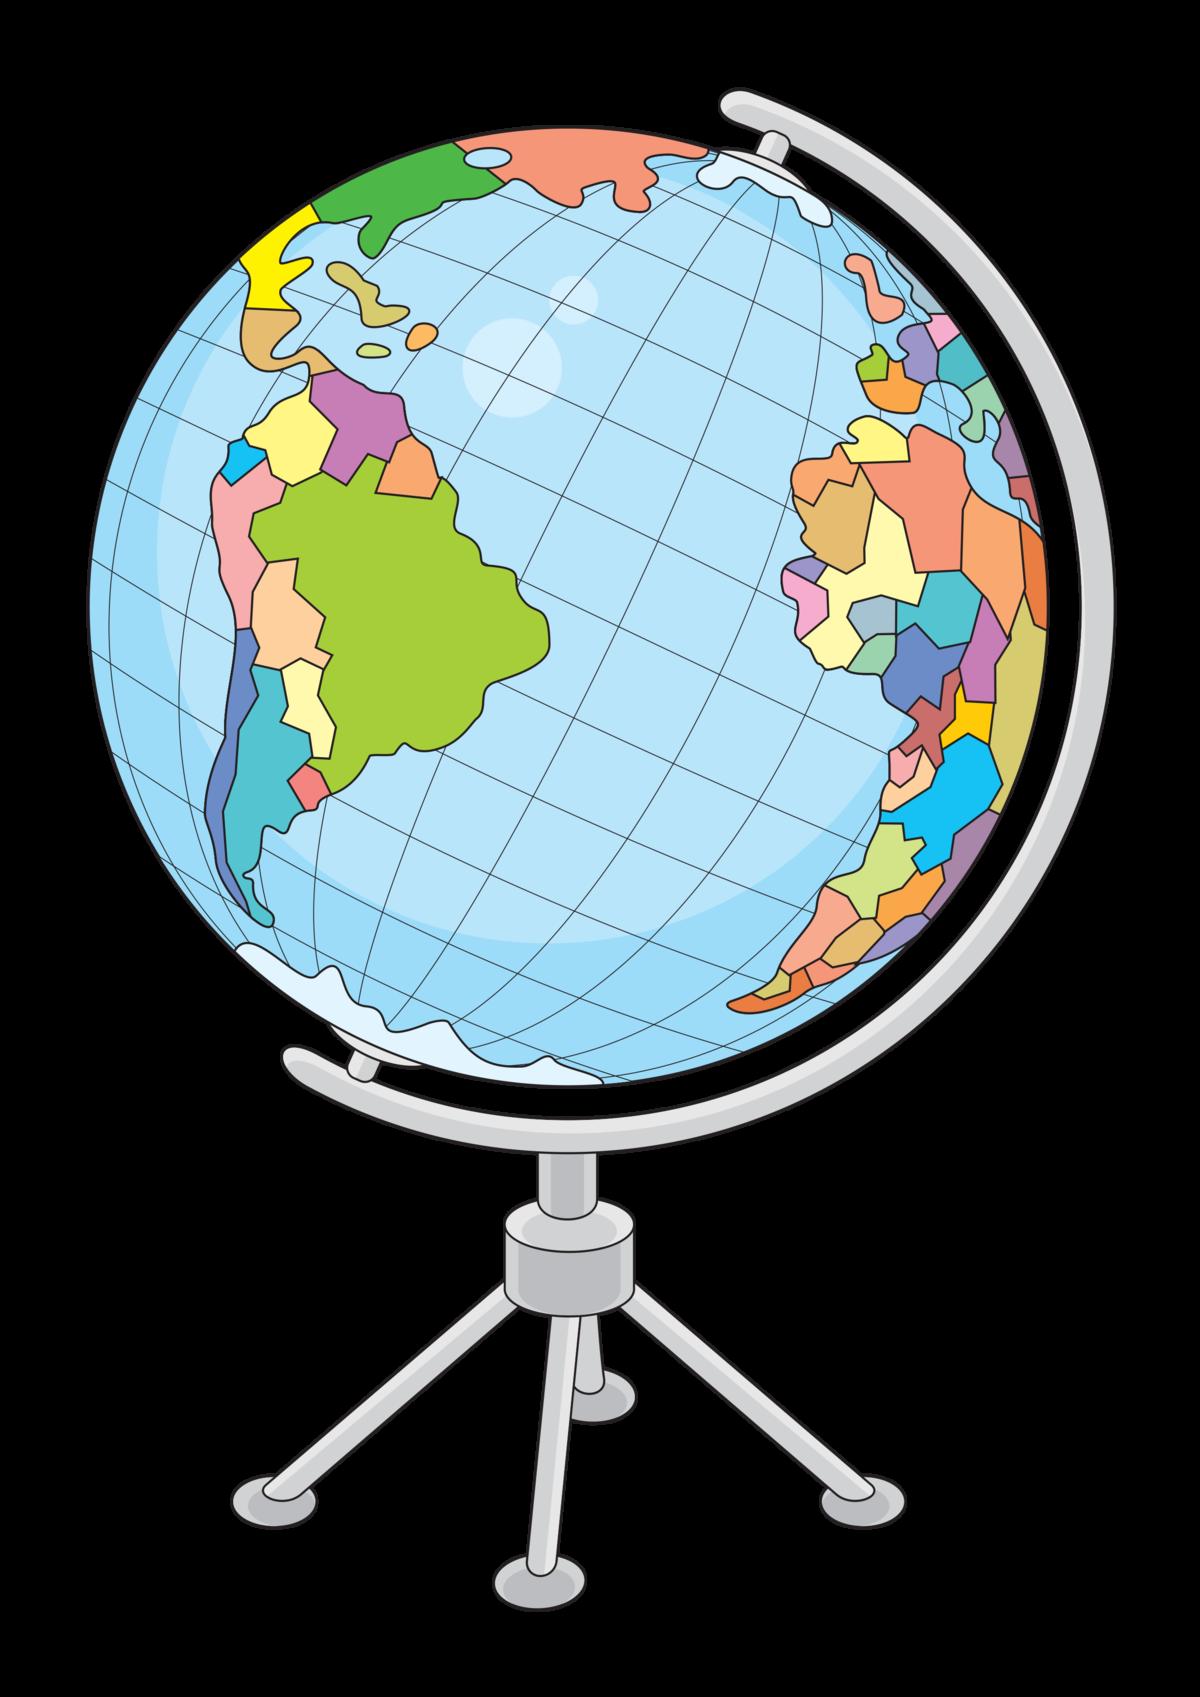 картинка глобуса без заднего фона широкий